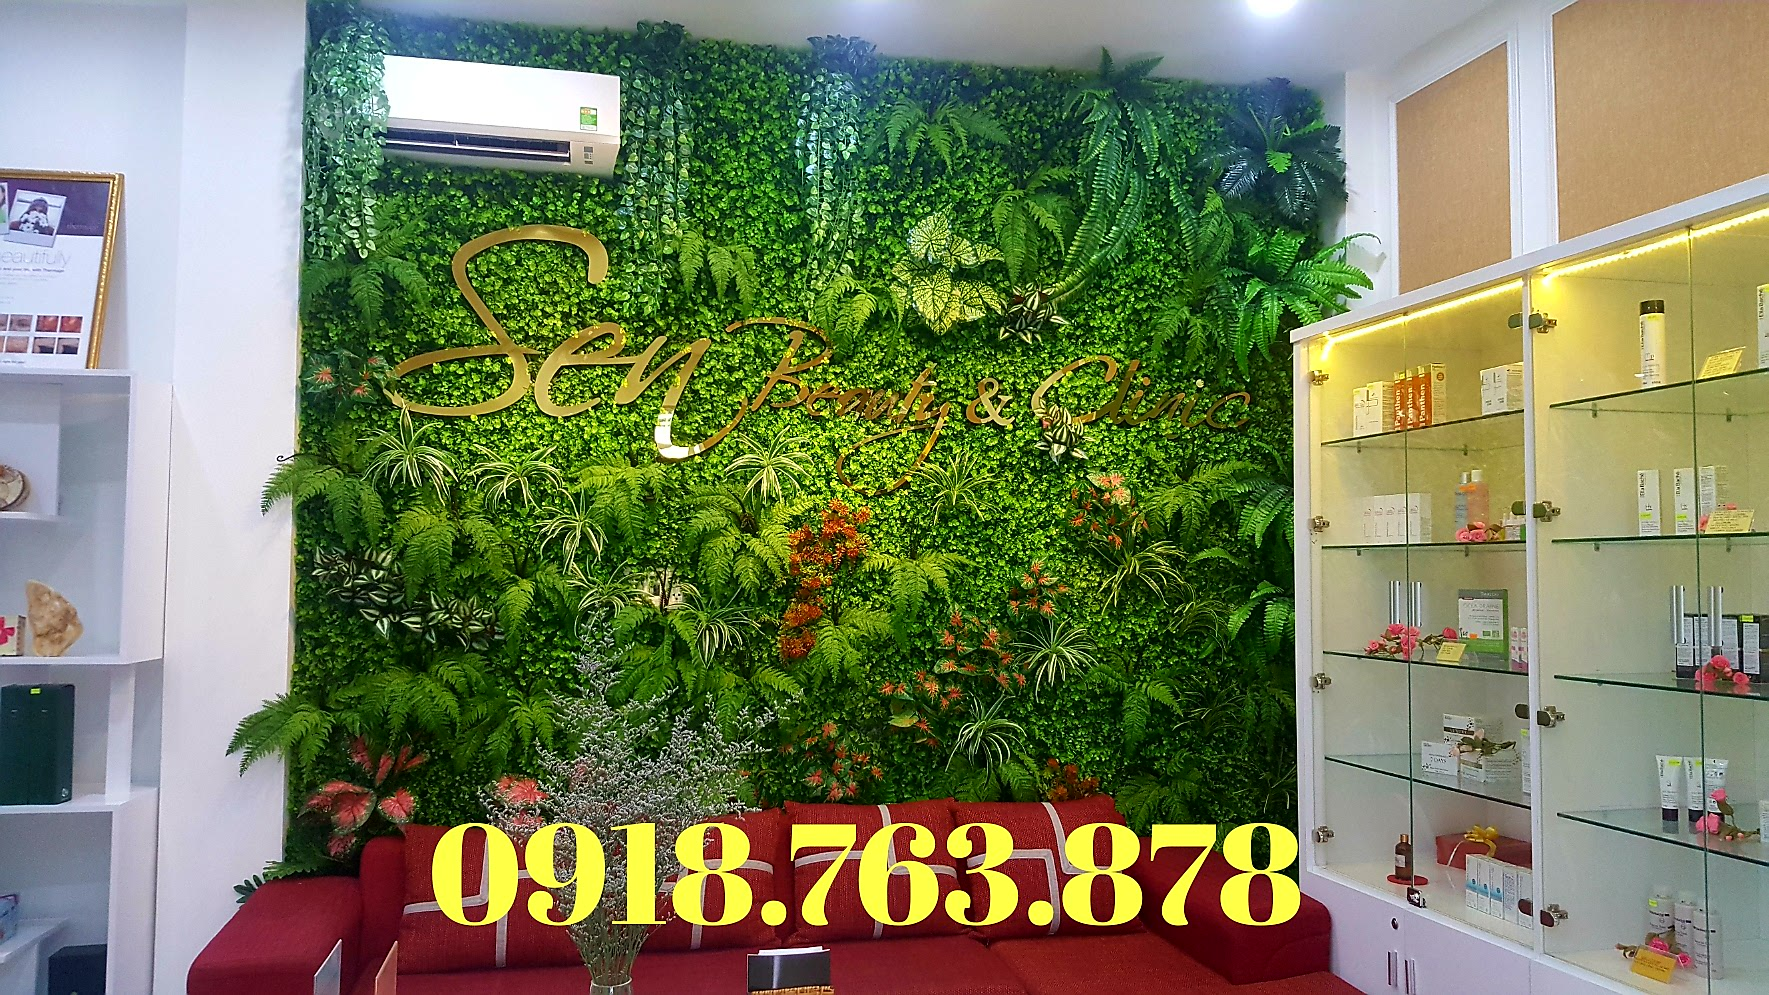 Tường cây lá giả, tường cây cỏ nhựa làm đẹp cho văn phòng quận 1